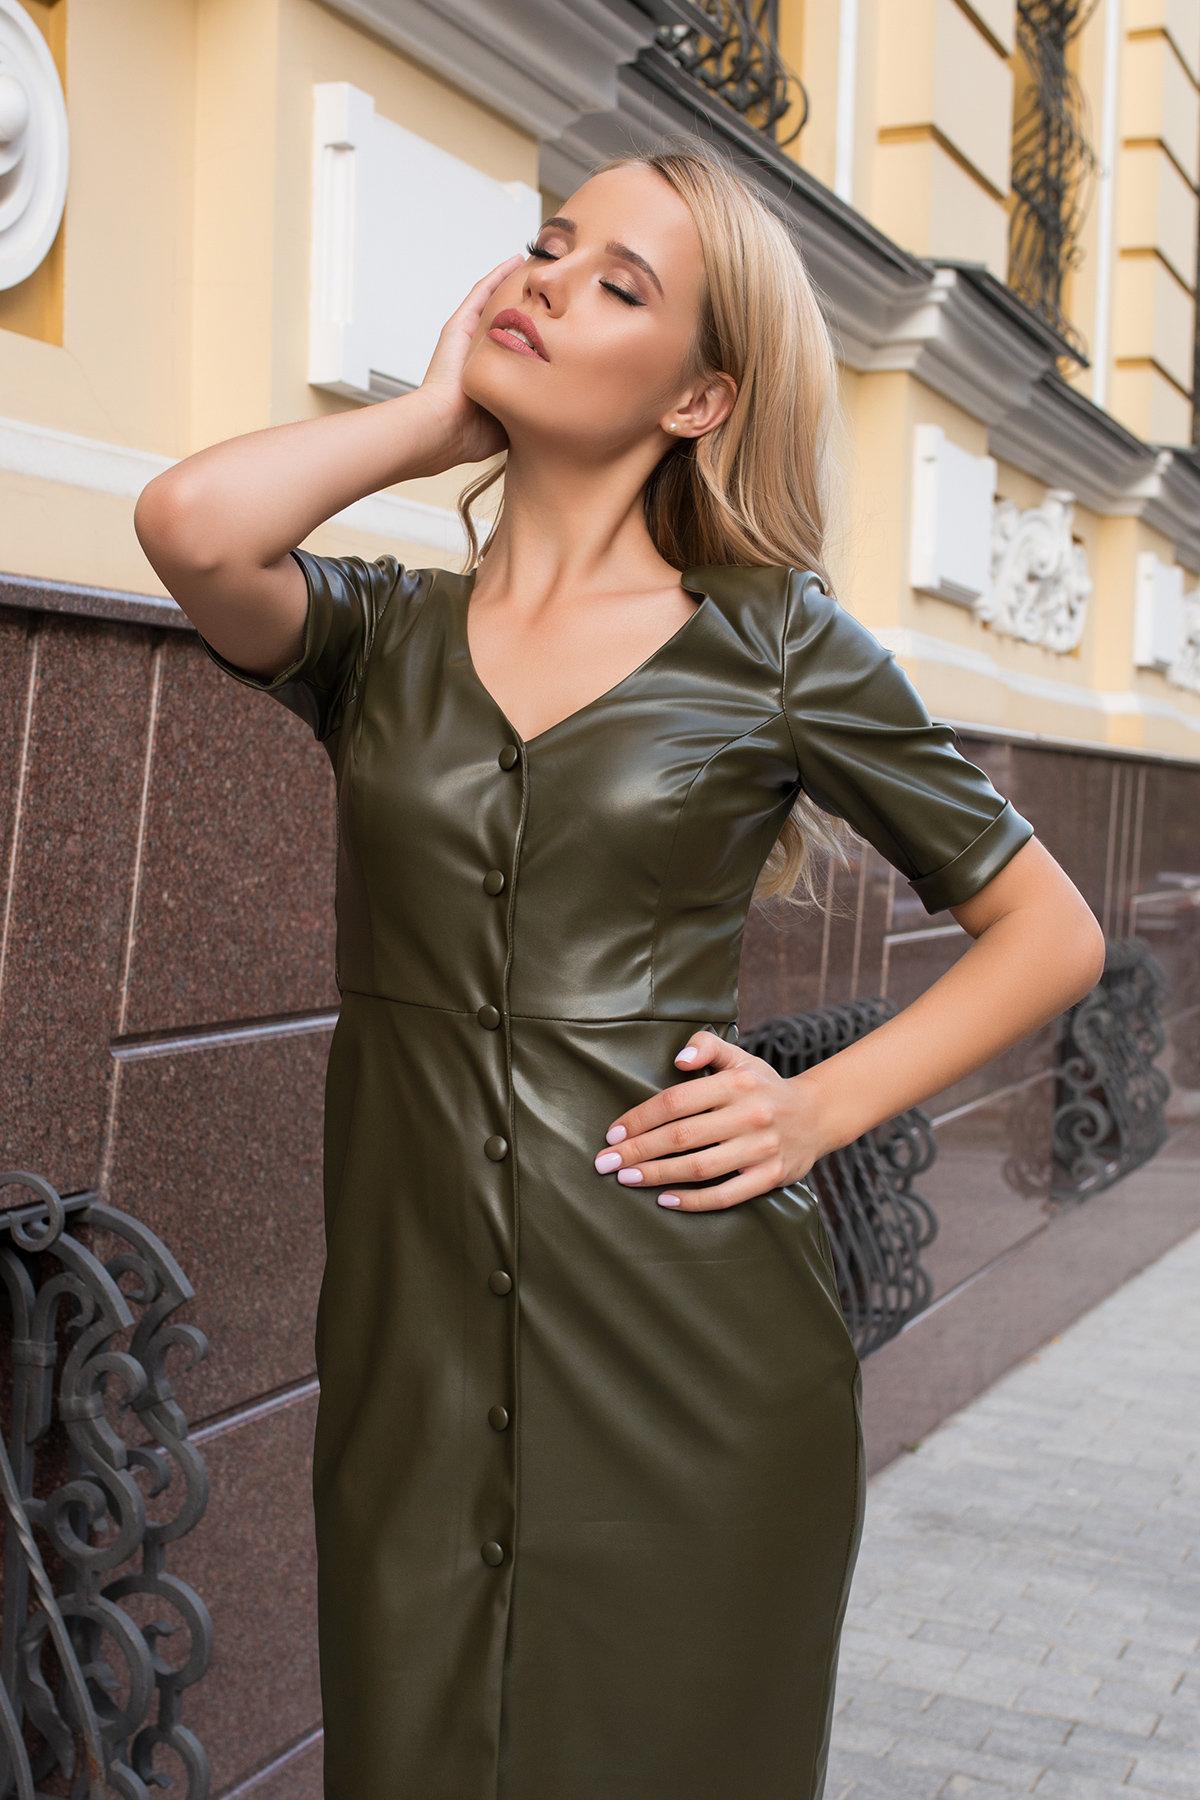 Платье из экокожи Тетрис 7847 АРТ. 43899 Цвет: Хаки - фото 9, интернет магазин tm-modus.ru